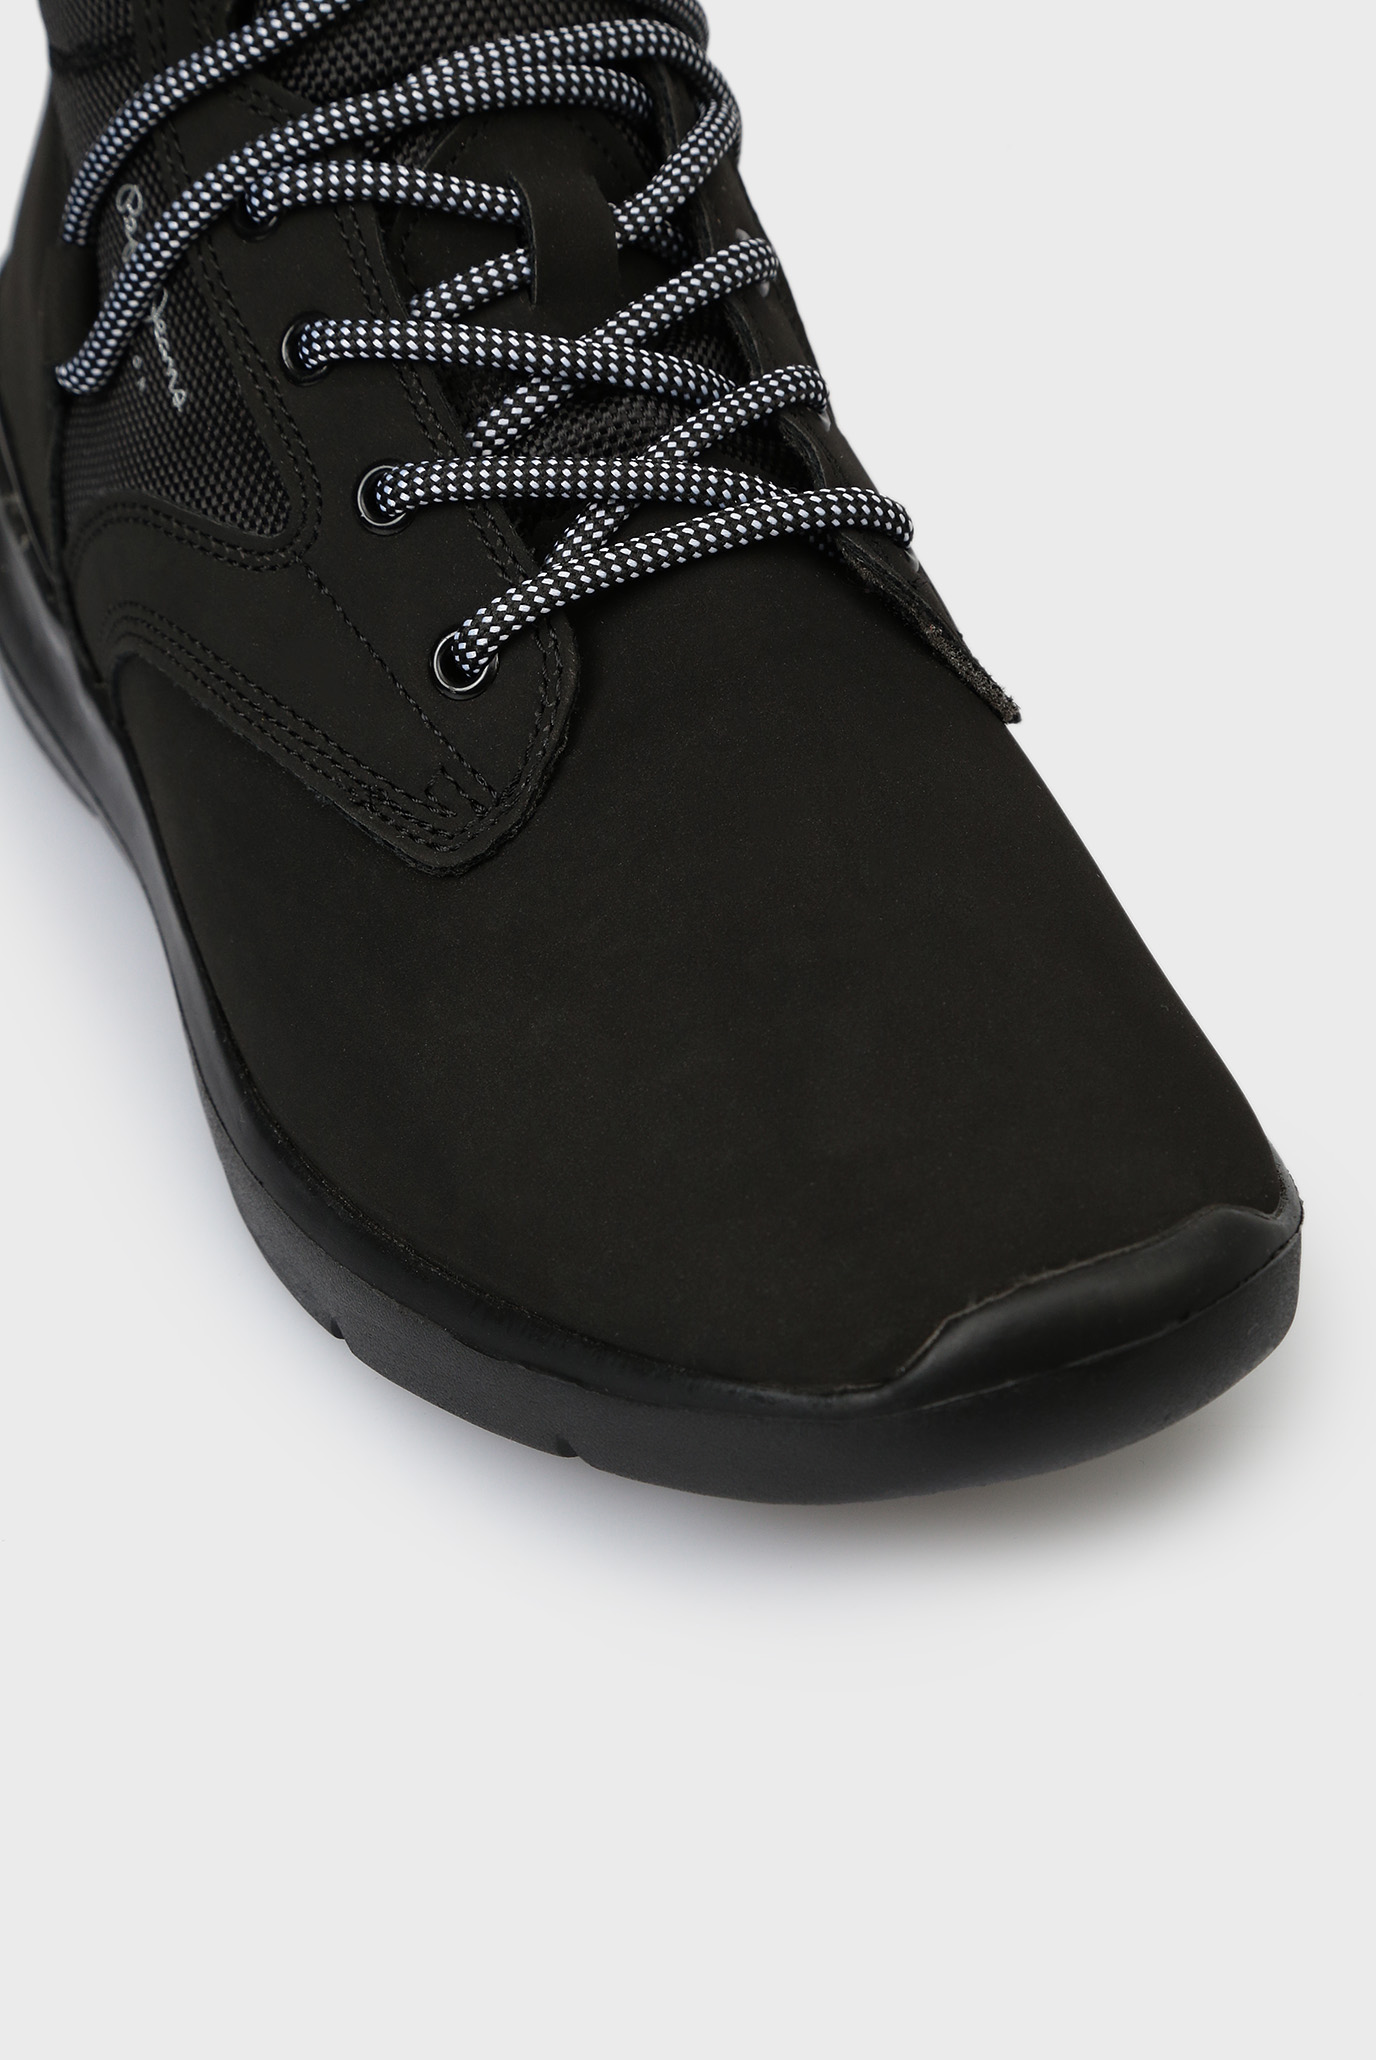 Купить Мужские черные хайтпы Pepe Jeans Pepe Jeans PMS30491 – Киев, Украина. Цены в интернет магазине MD Fashion